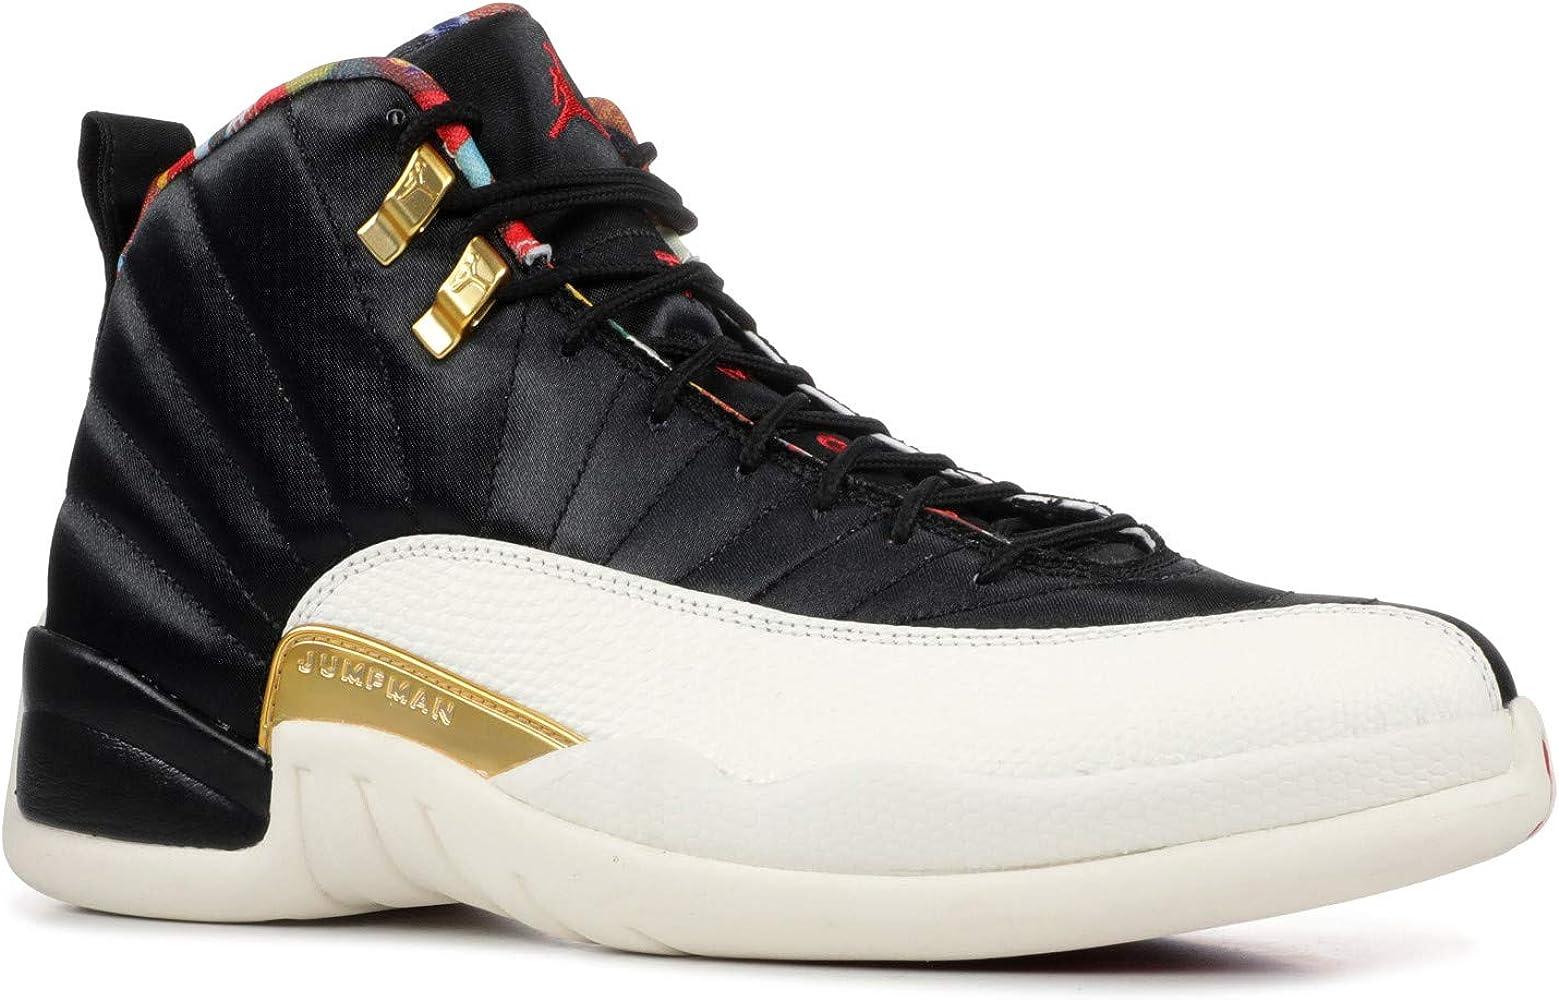 best sneakers 8fa59 c67e0 Jordan Retro 12